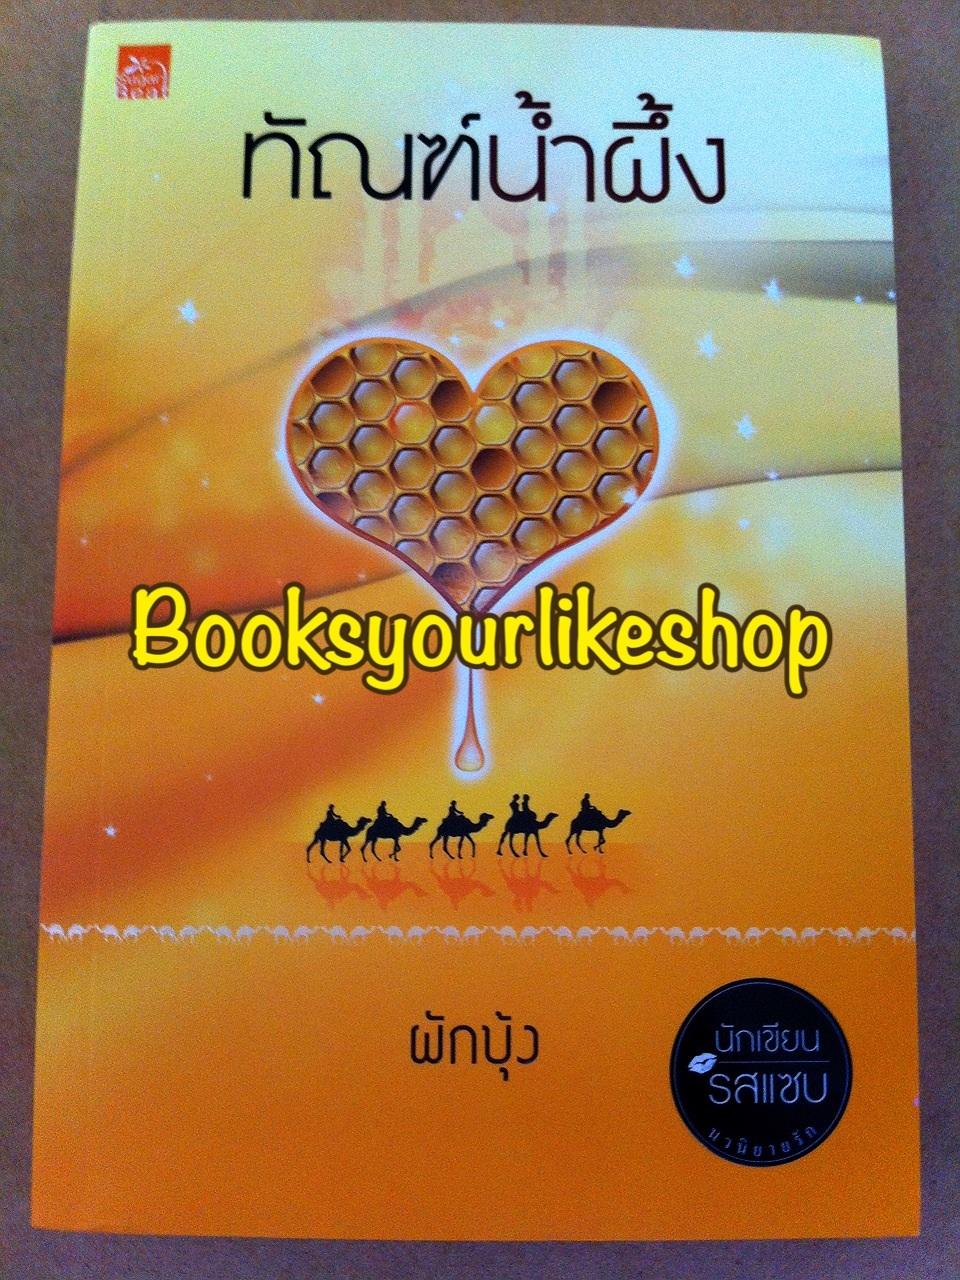 ทัณฑ์น้ำผึ้ง / ผักบุ้ง สนพ.ชูกาบีท หนังสือใหม่ *** สนุกมาก***